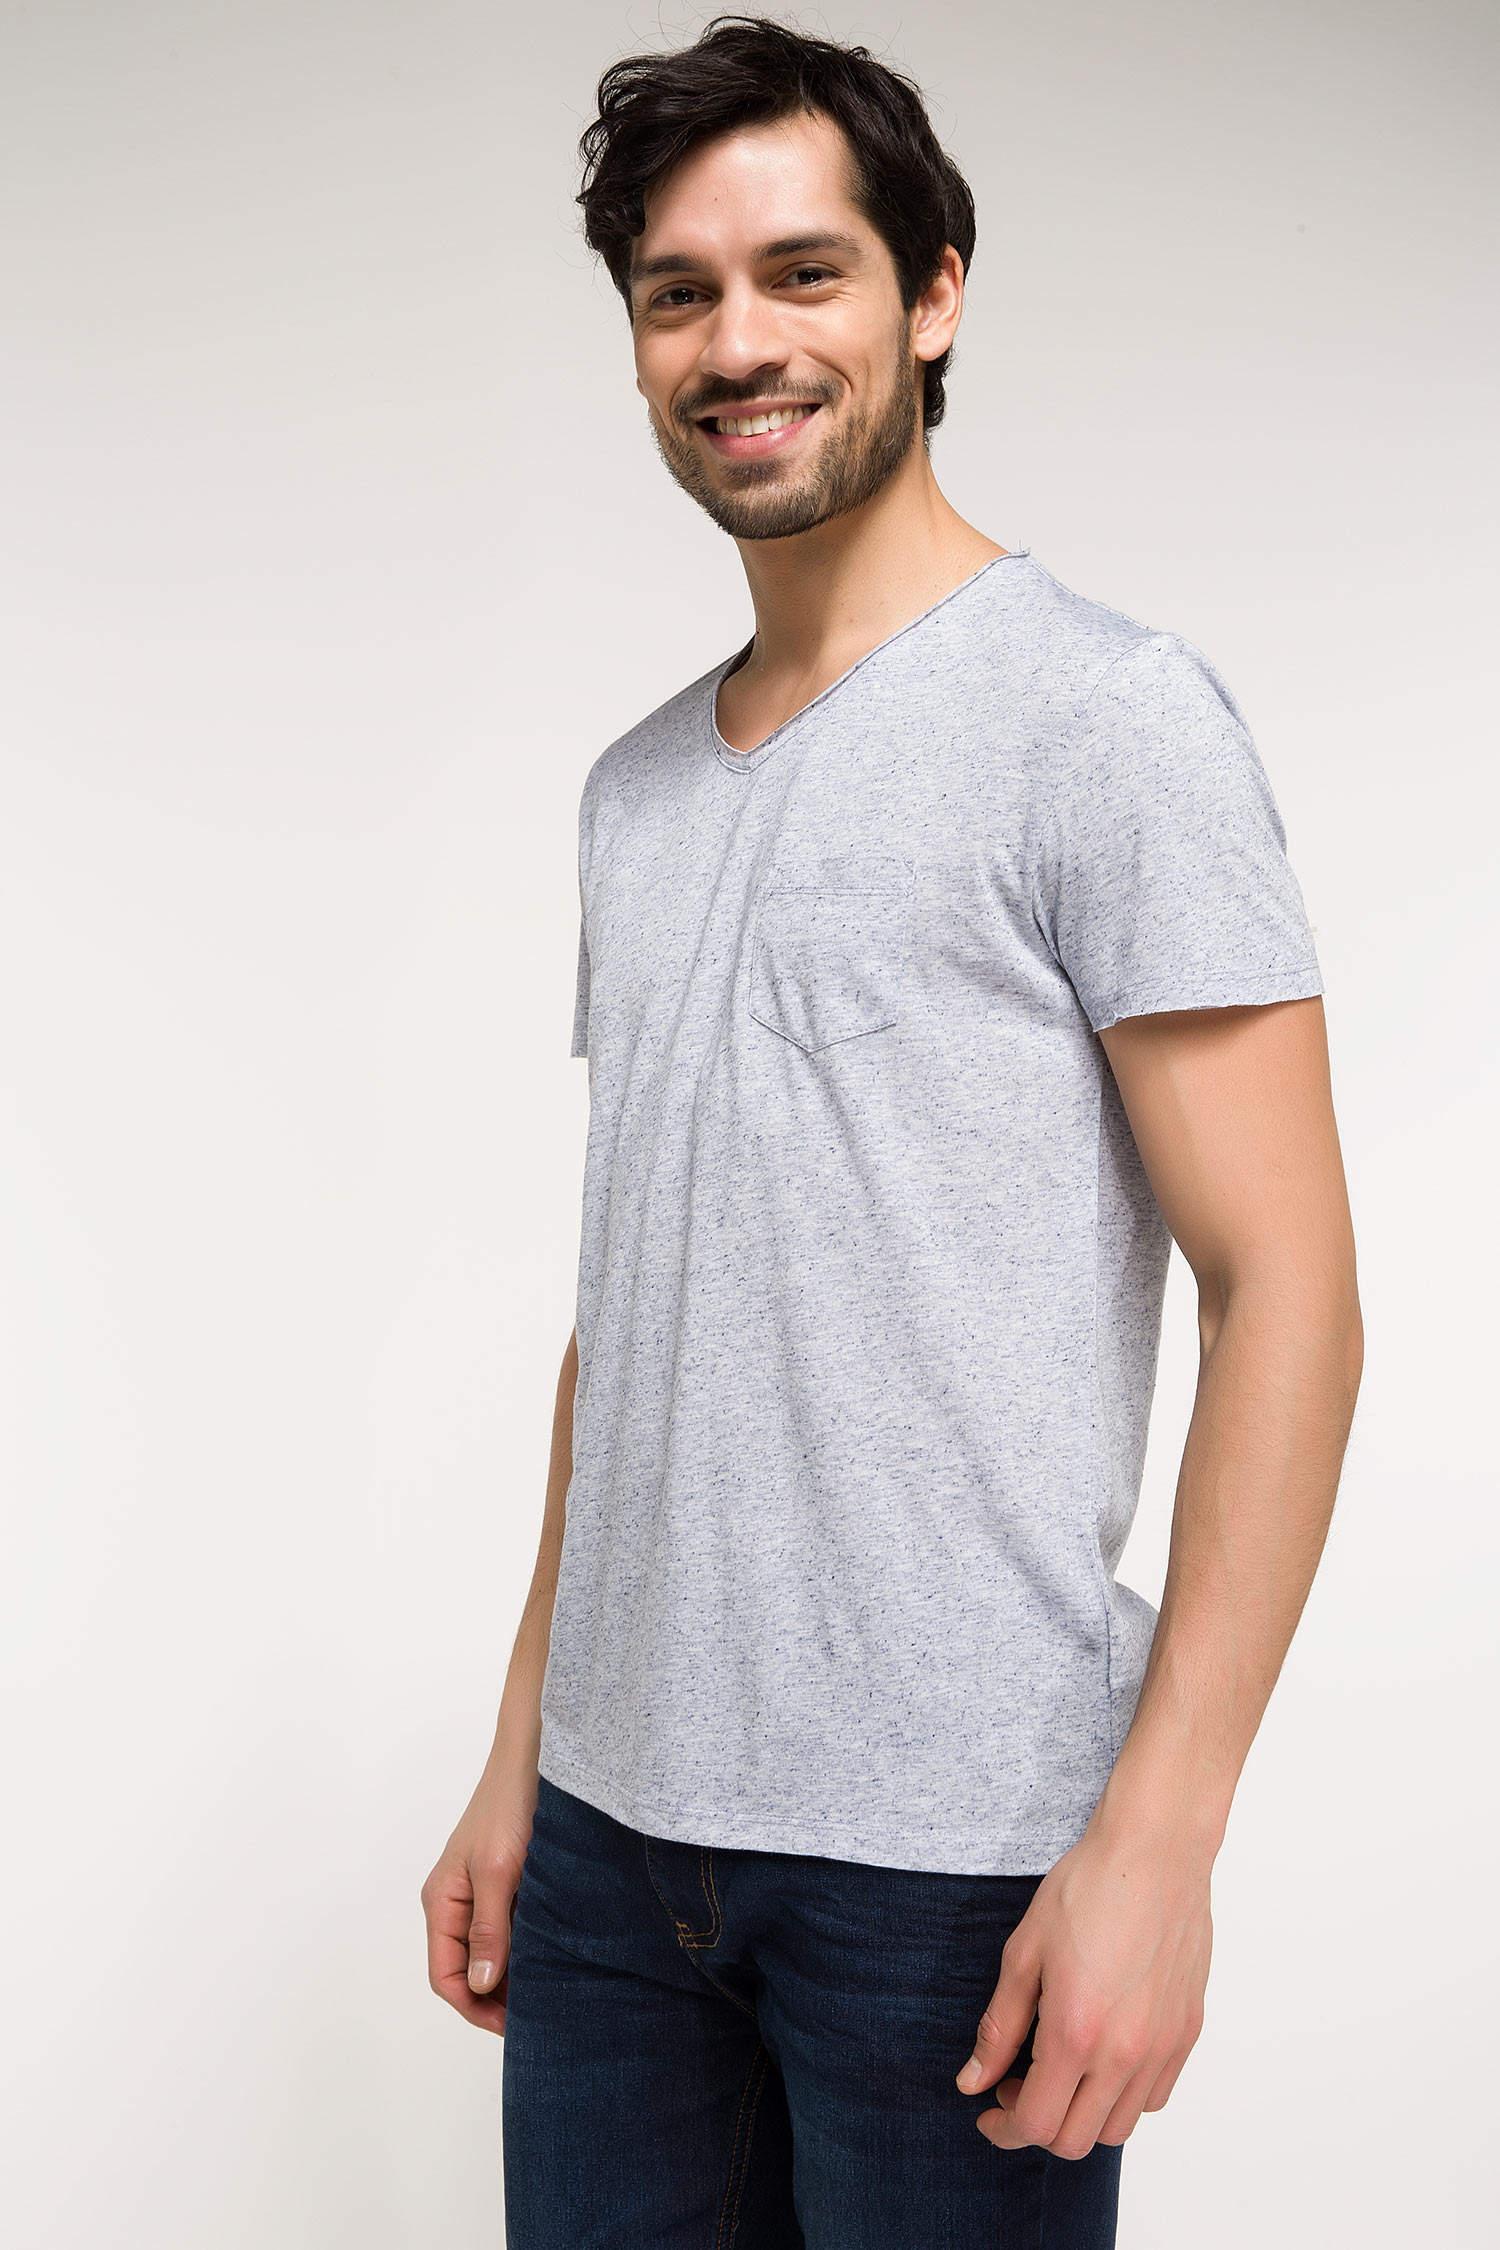 0d78d74719708 Mavi Melanj Erkek Slim Fit V Yaka T-shirt 820852 | DeFacto